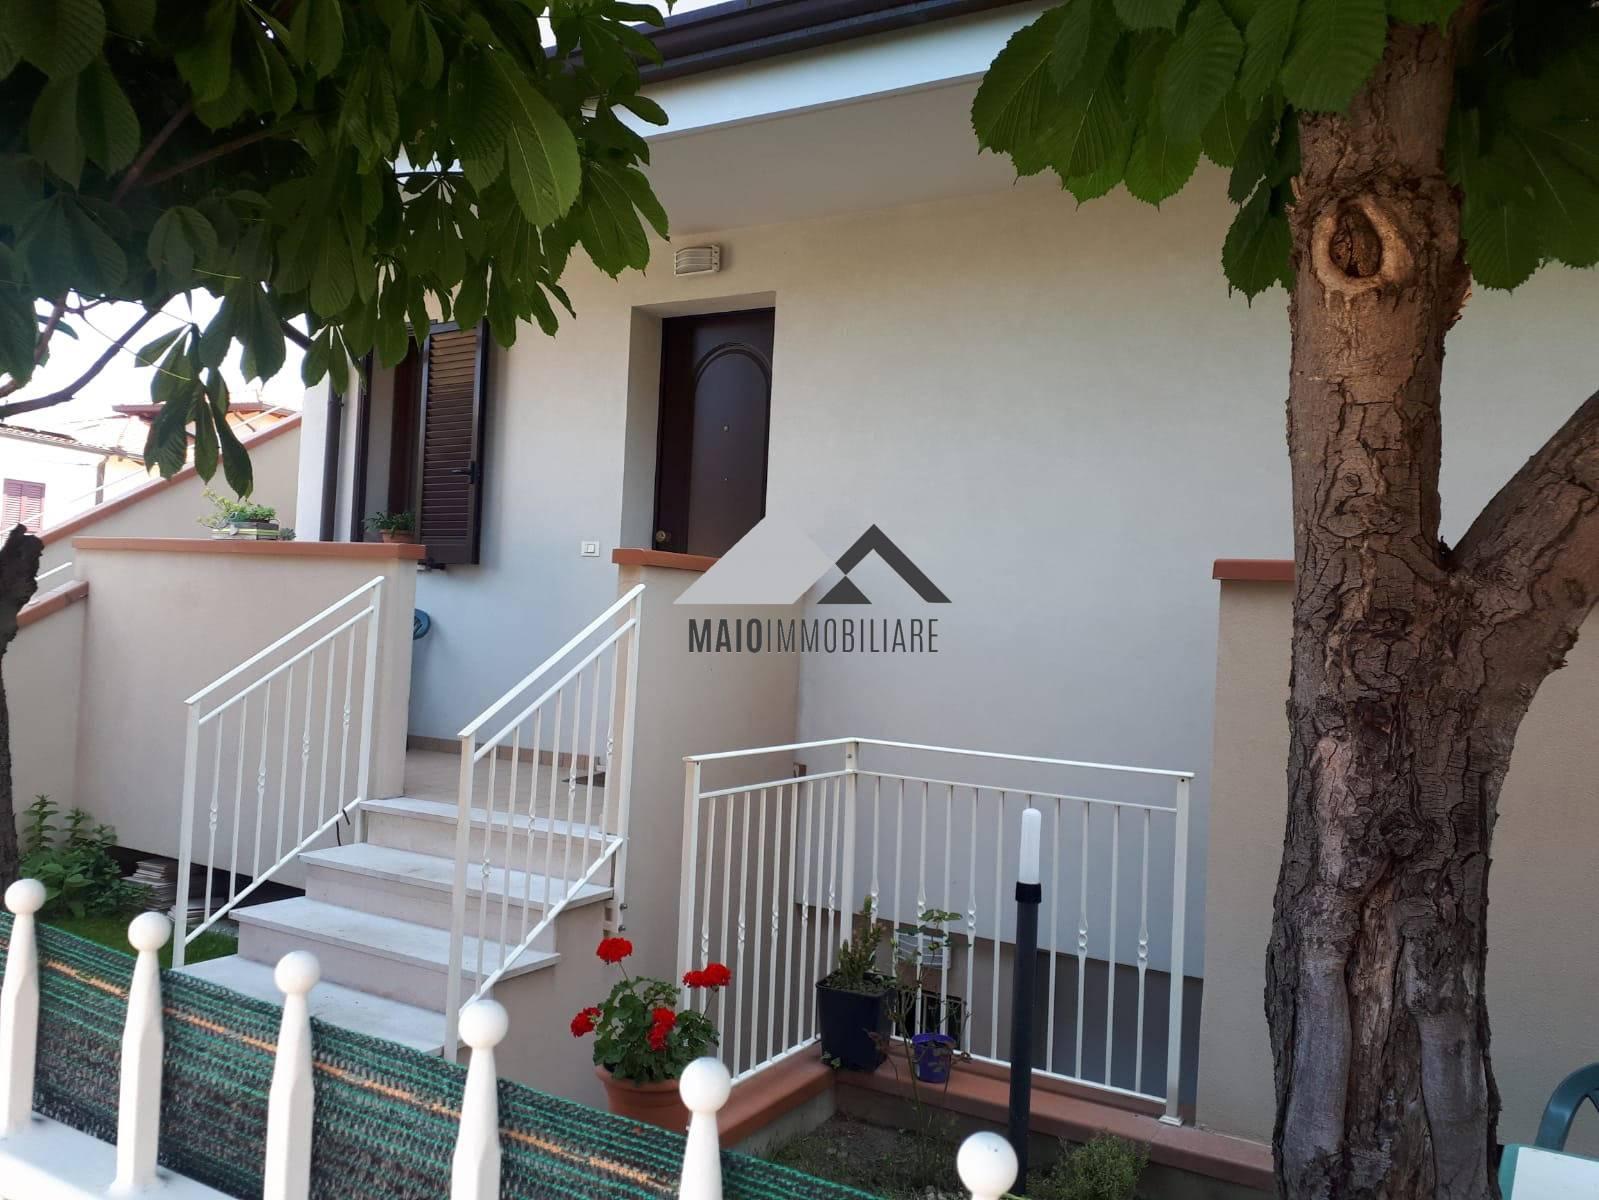 Appartamento in vendita a Coriano, 3 locali, zona Località: S.AndreainBesanigo, prezzo € 185.000 | CambioCasa.it